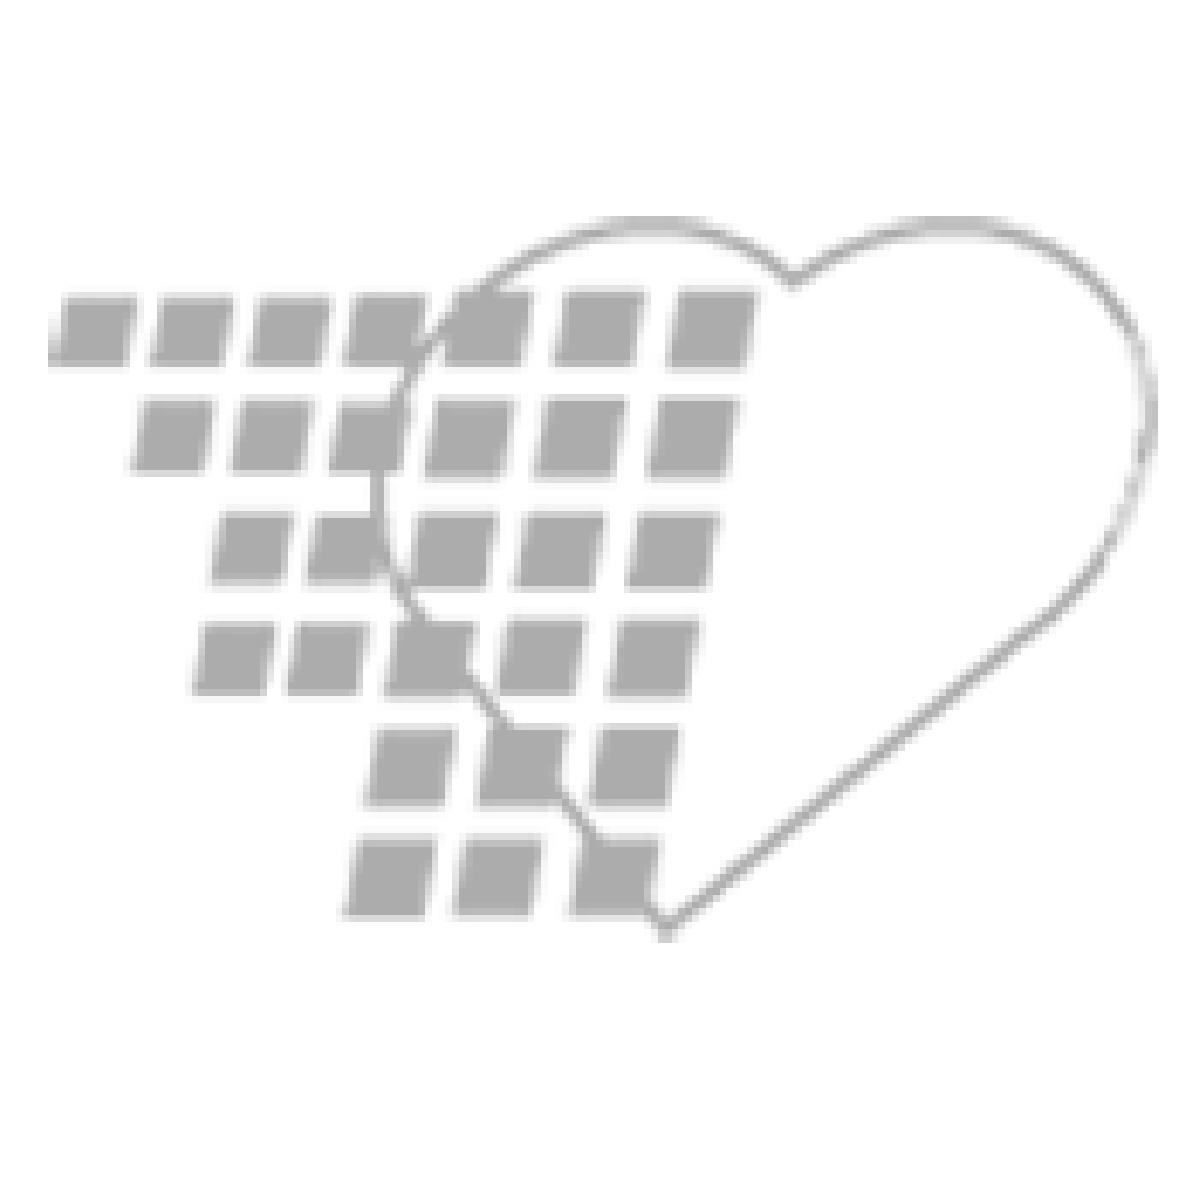 06-93-1070-250ML - Demo Dose® Heparn in Sodim  Premix  25,000 units/250 mL